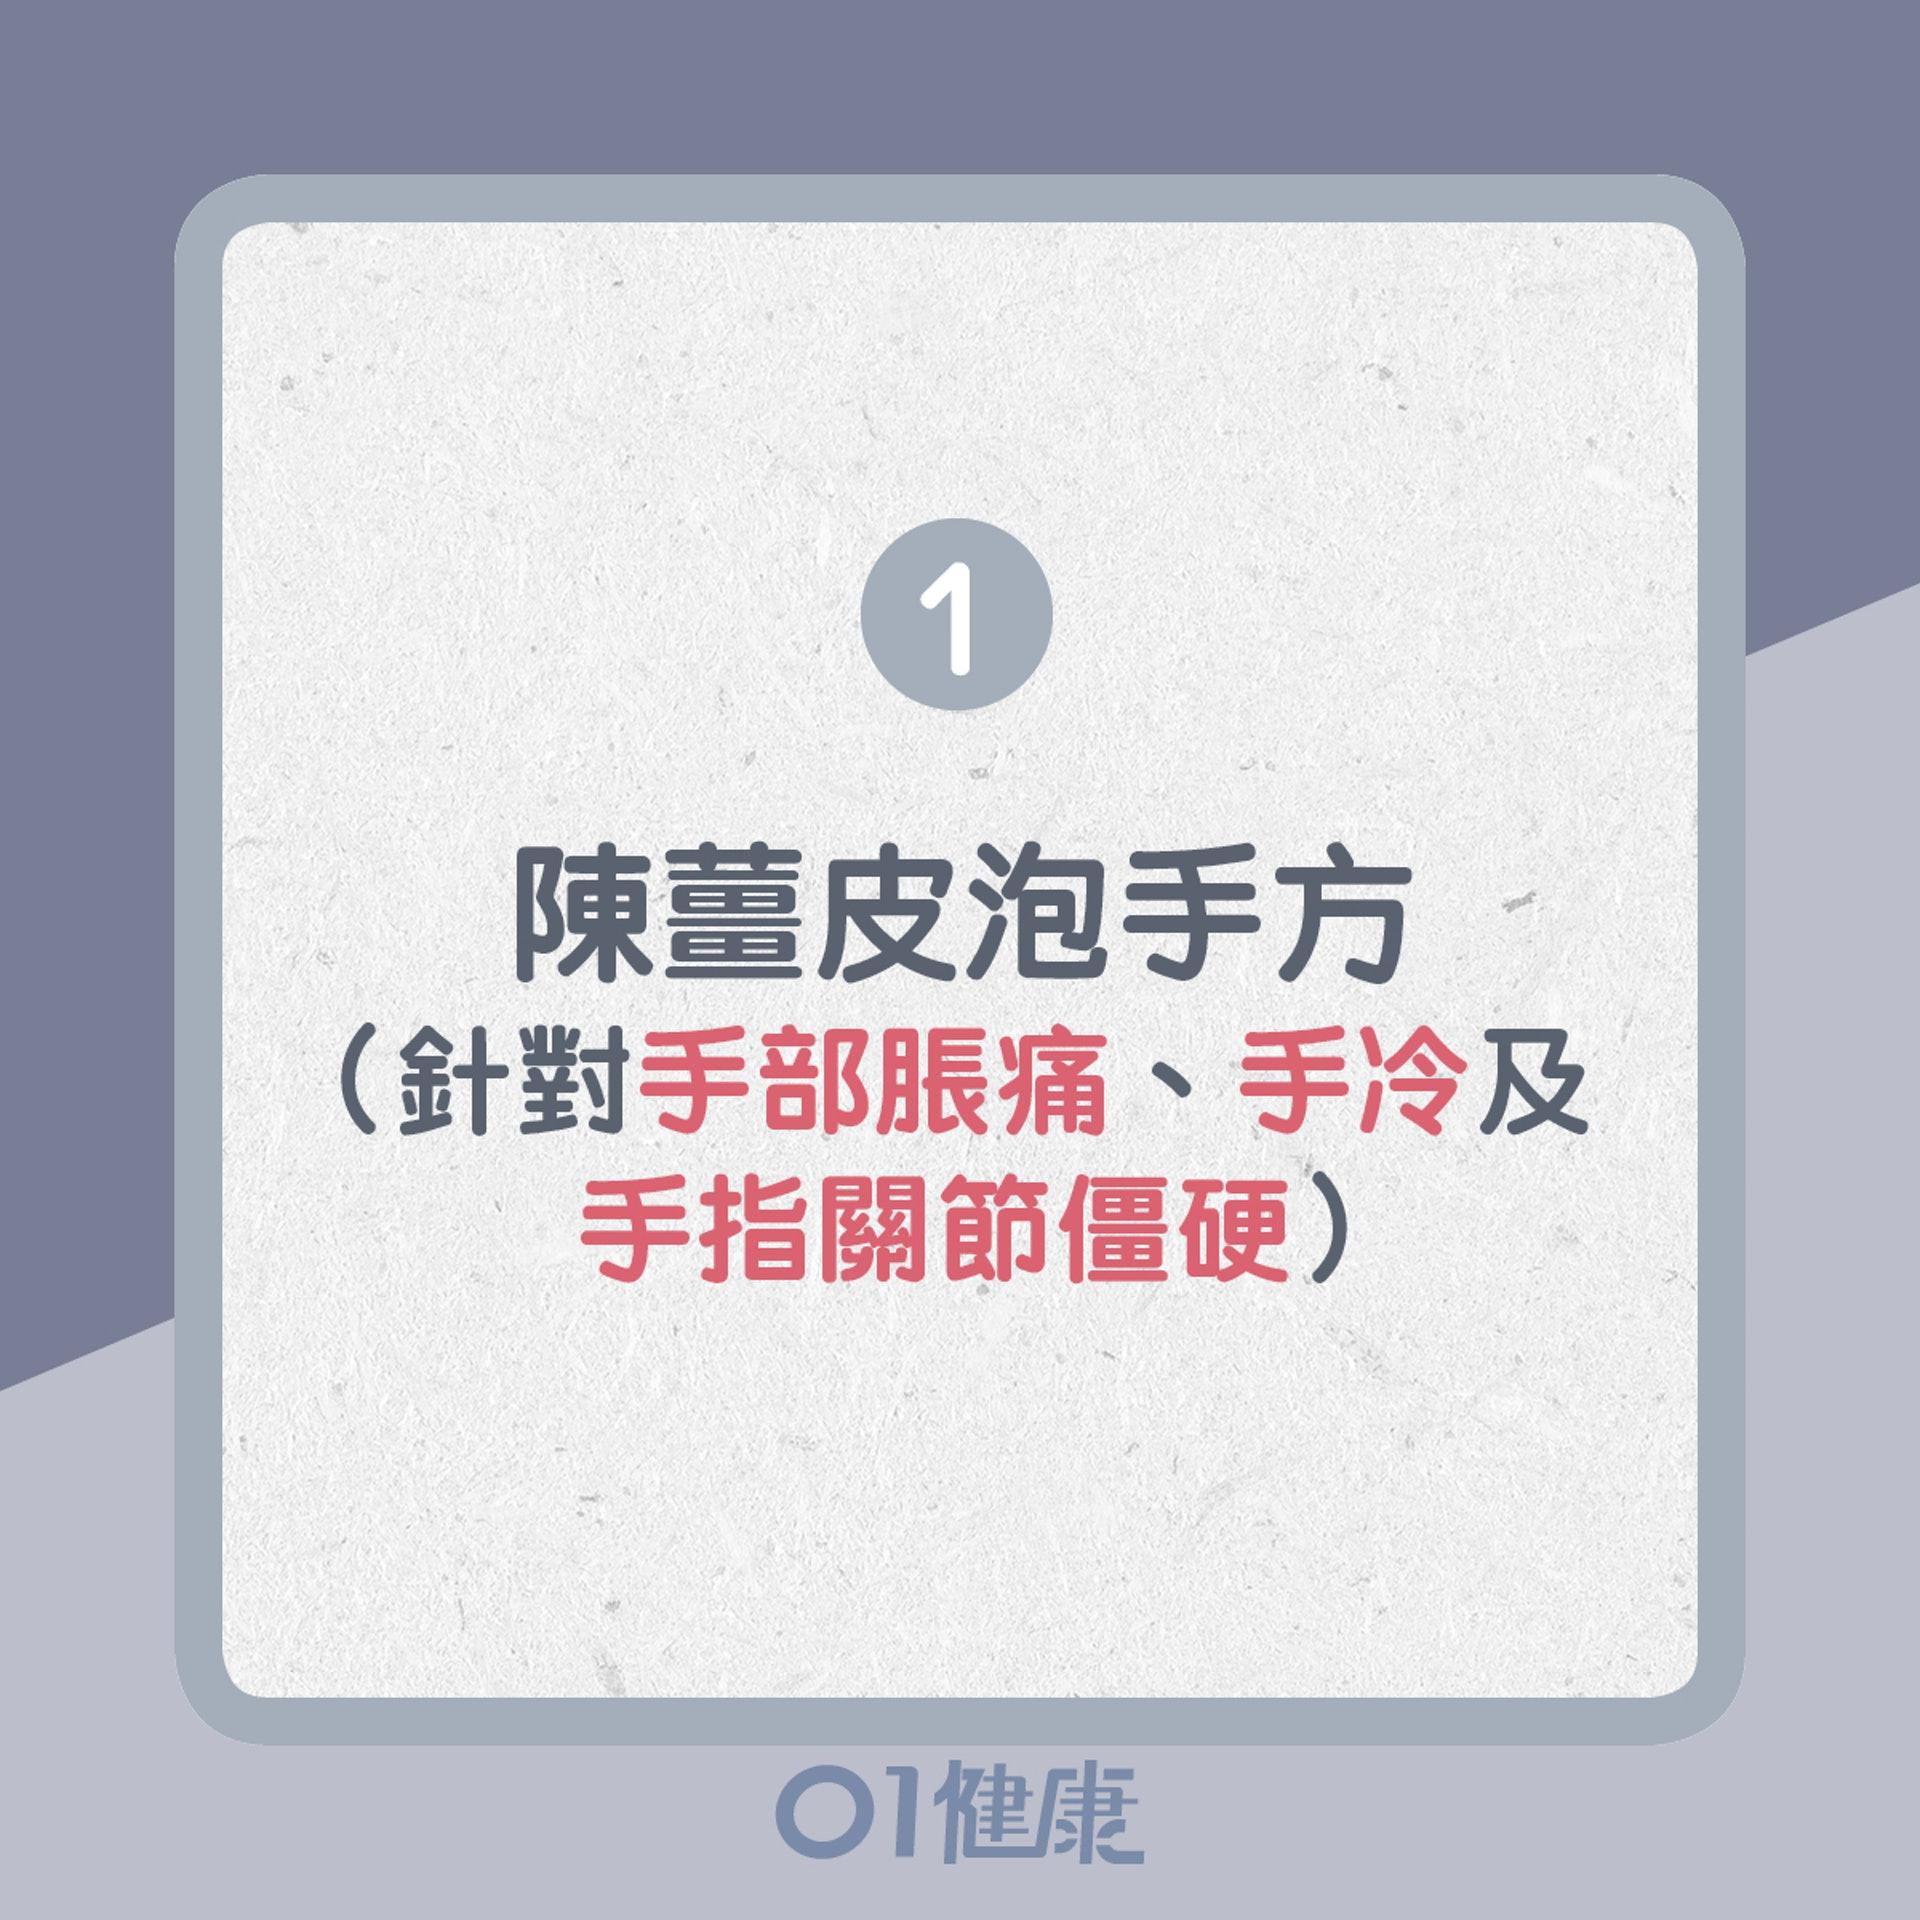 1. 陳薑皮泡手方(01製圖)